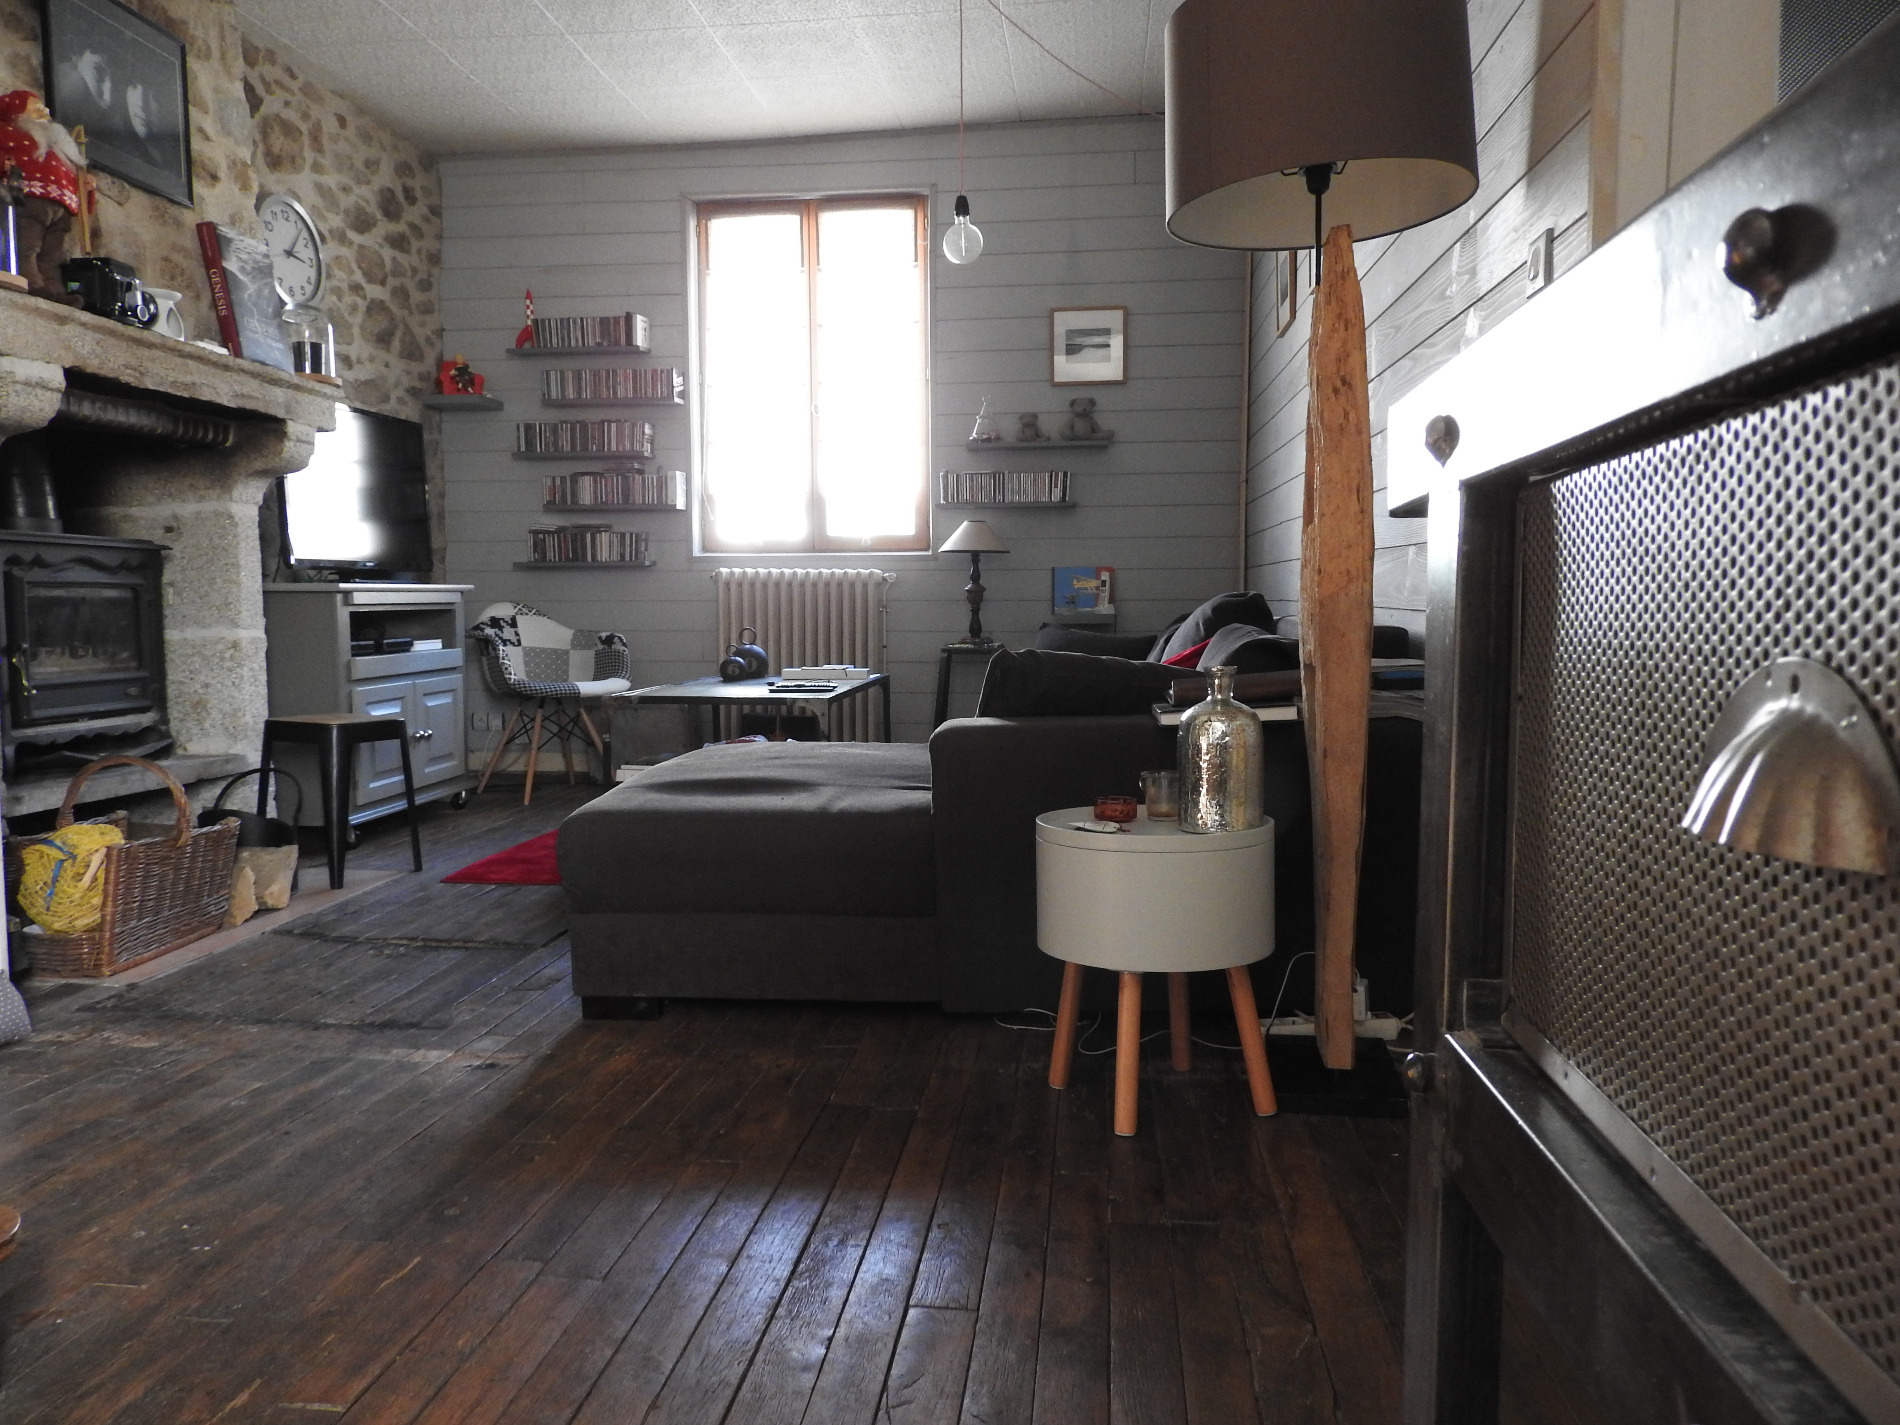 vente jolie maison de ville ann es 20. Black Bedroom Furniture Sets. Home Design Ideas